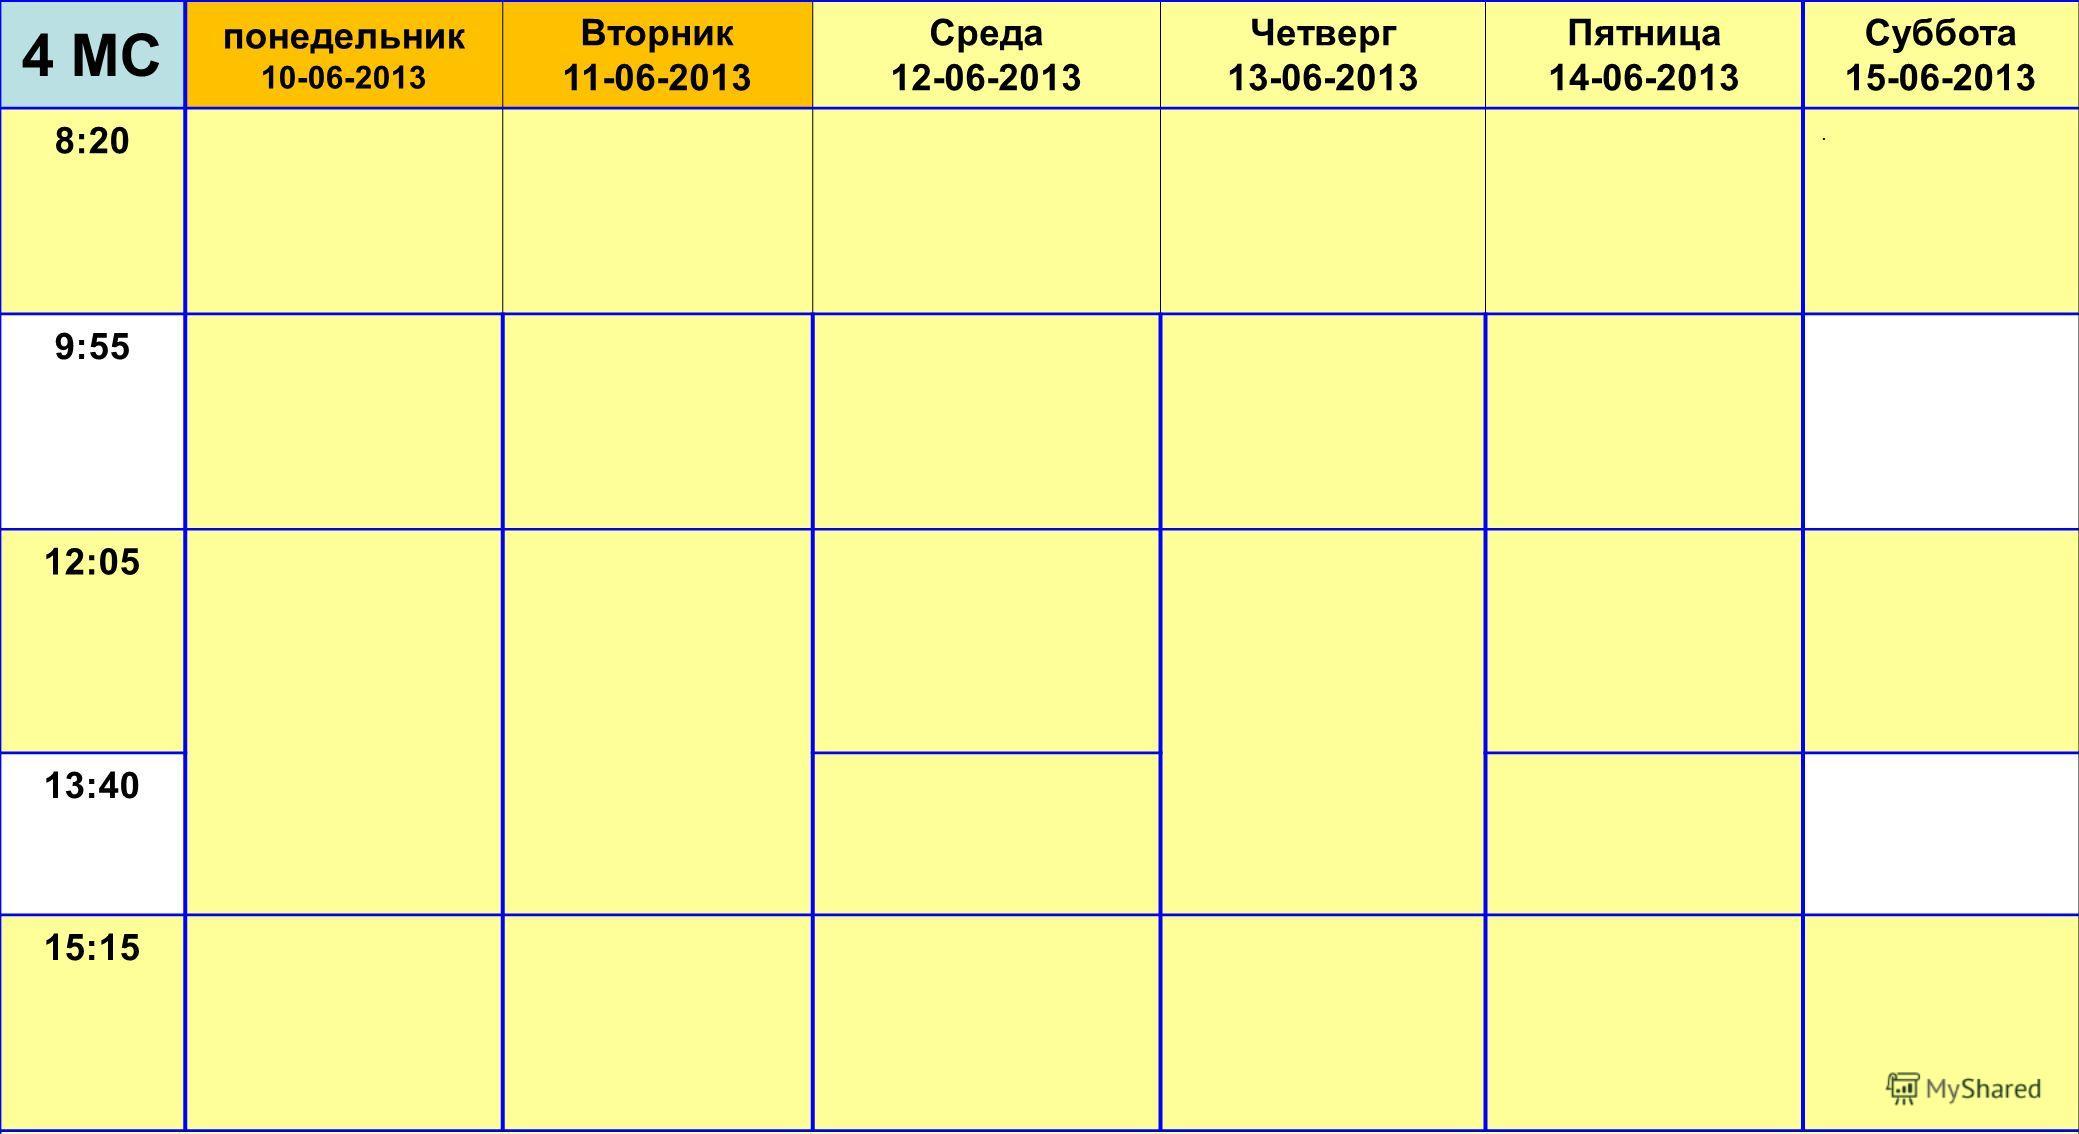 4 МС понедельник 10-06-2013 Вторник 11-06-2013 Среда 12-06-2013 Четверг 13-06-2013 Пятница 14-06-2013 Суббота 15-06-2013 8:20. 9:55 12:05 13:40 15:15